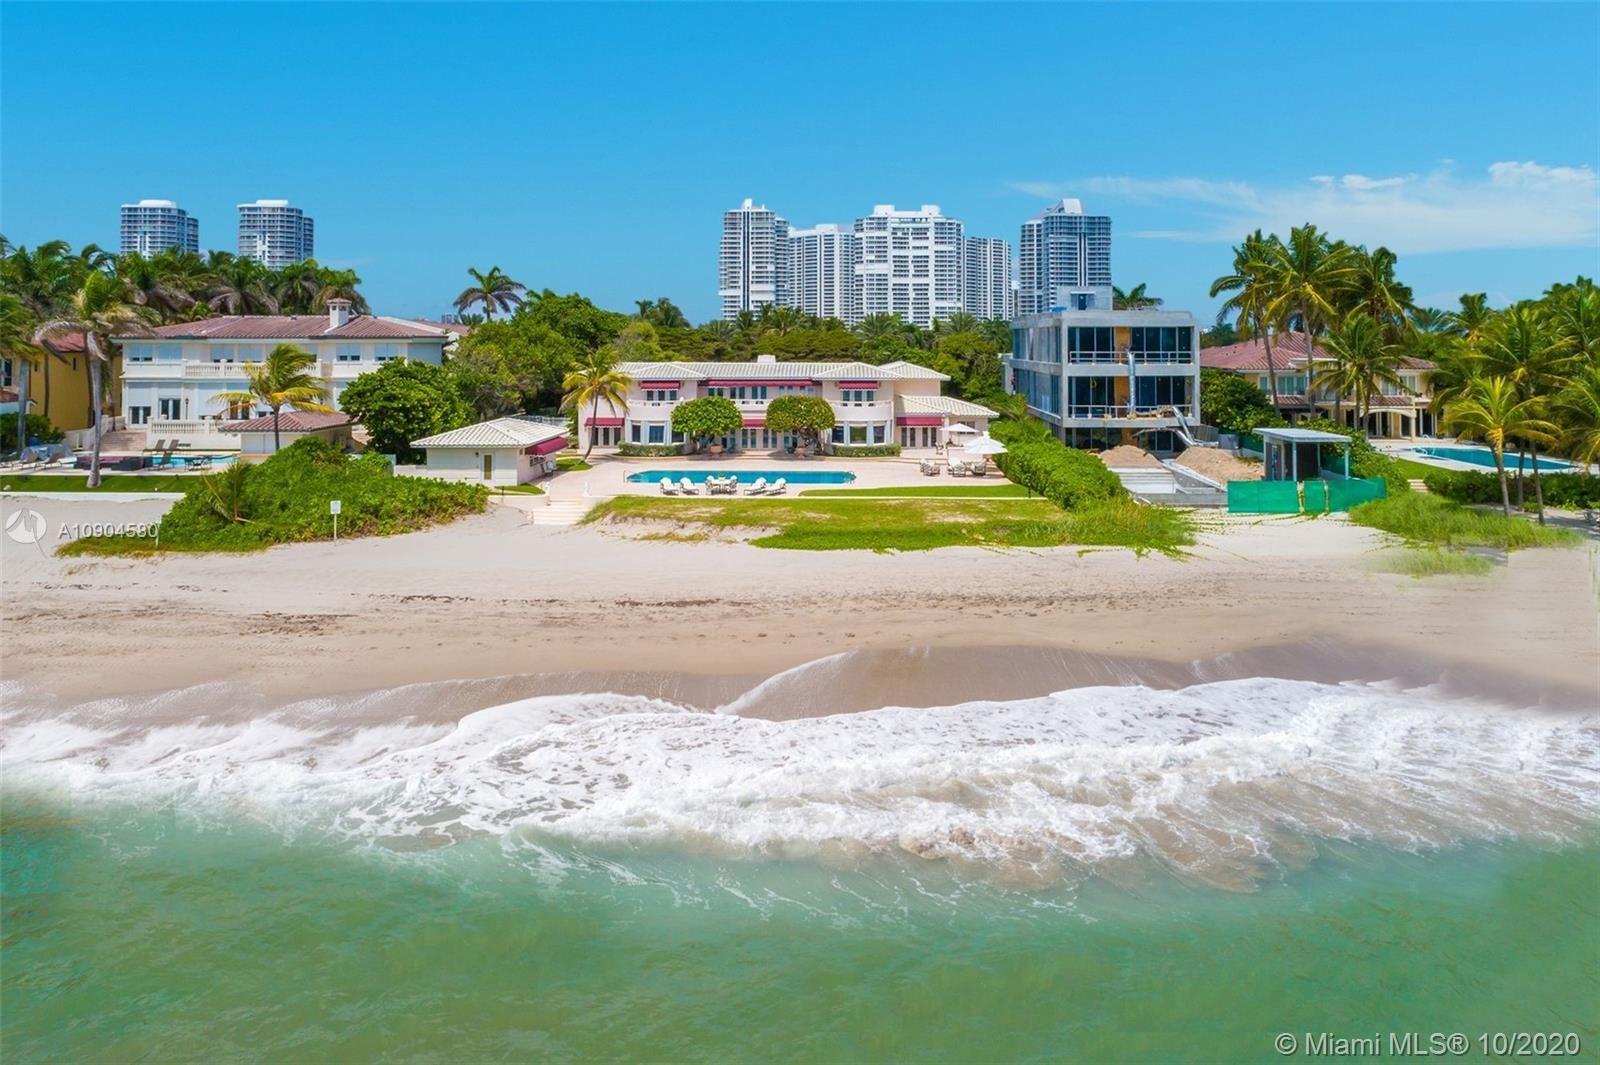 Photo of 577 Ocean Blvd, Golden Beach, FL 33160 (MLS # A10904580)